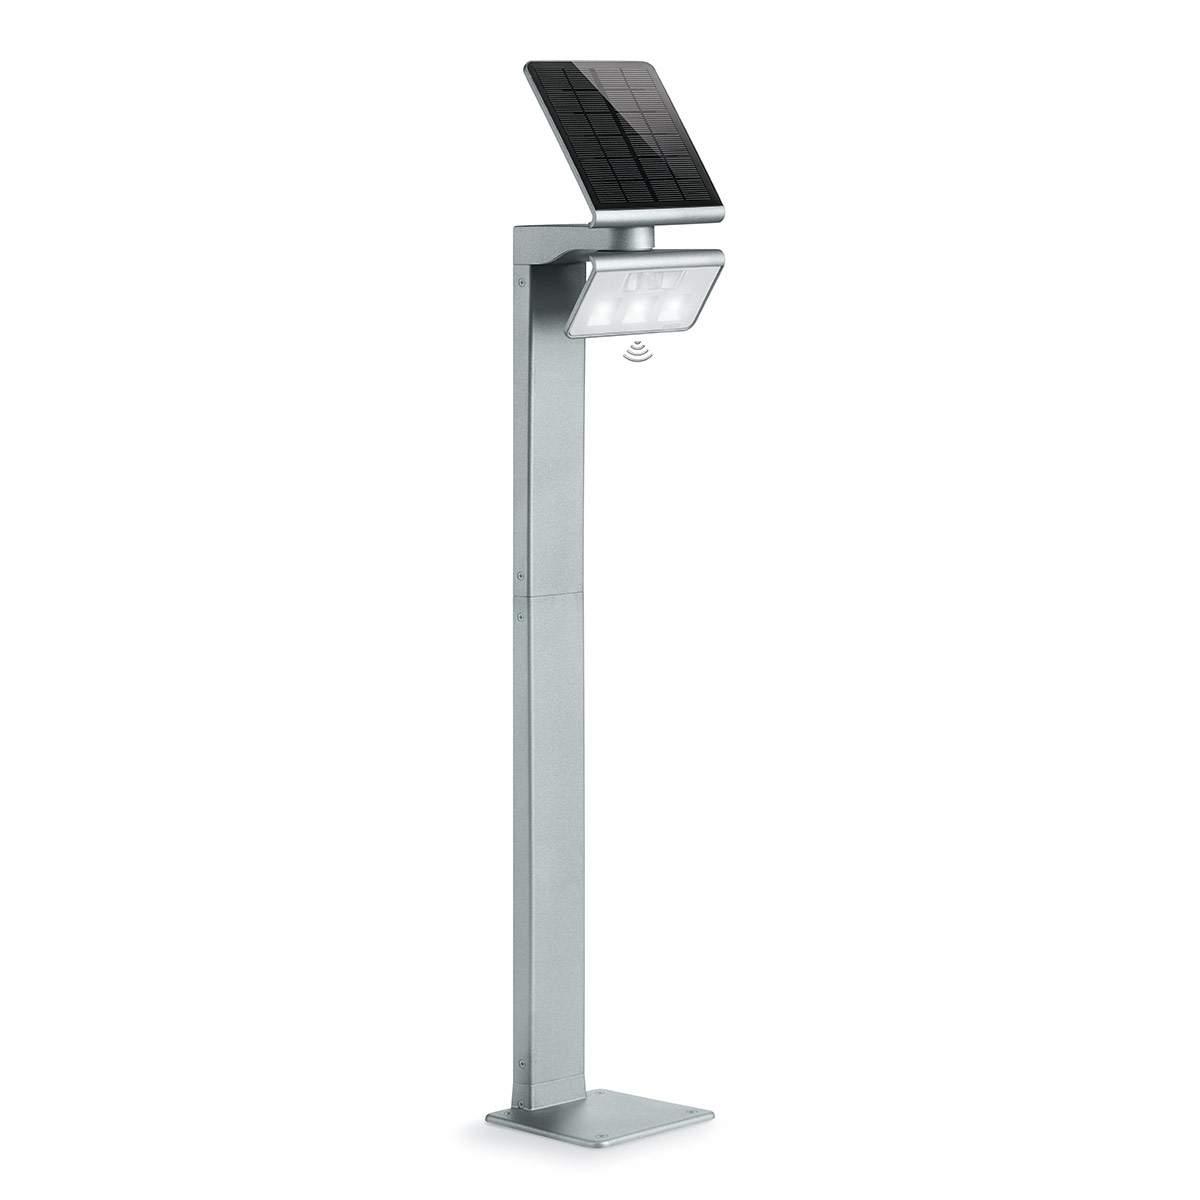 Lampioncino LED XSolar argento Illuminazione per interni